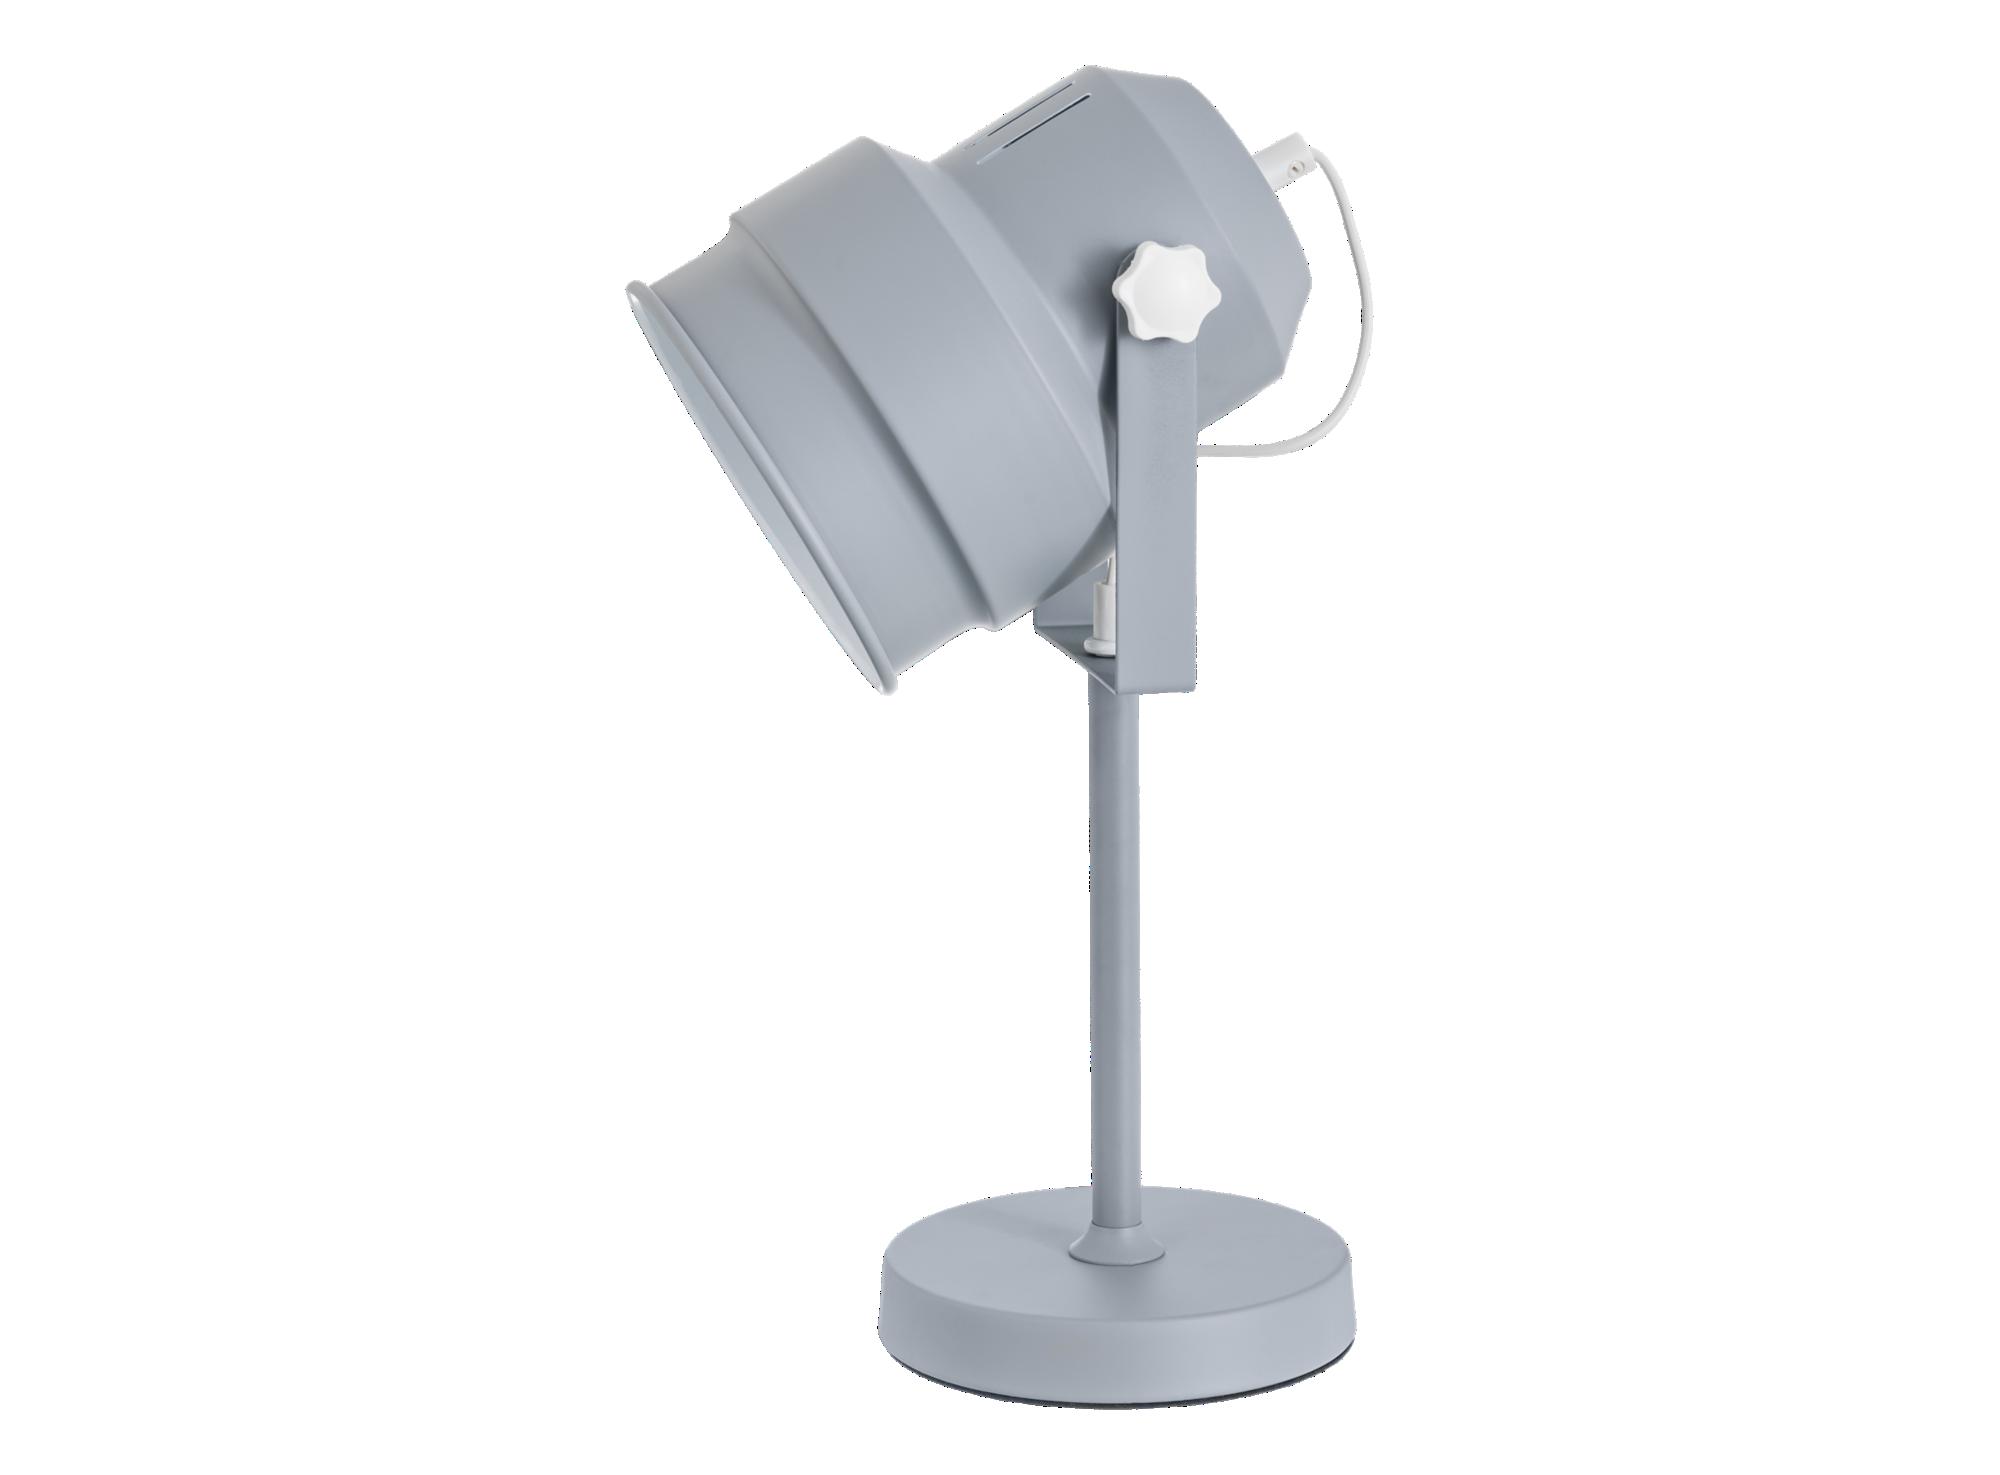 Lampe a poser hauteur 42cm diametre 15cm abat-jour tige et pietement  ...